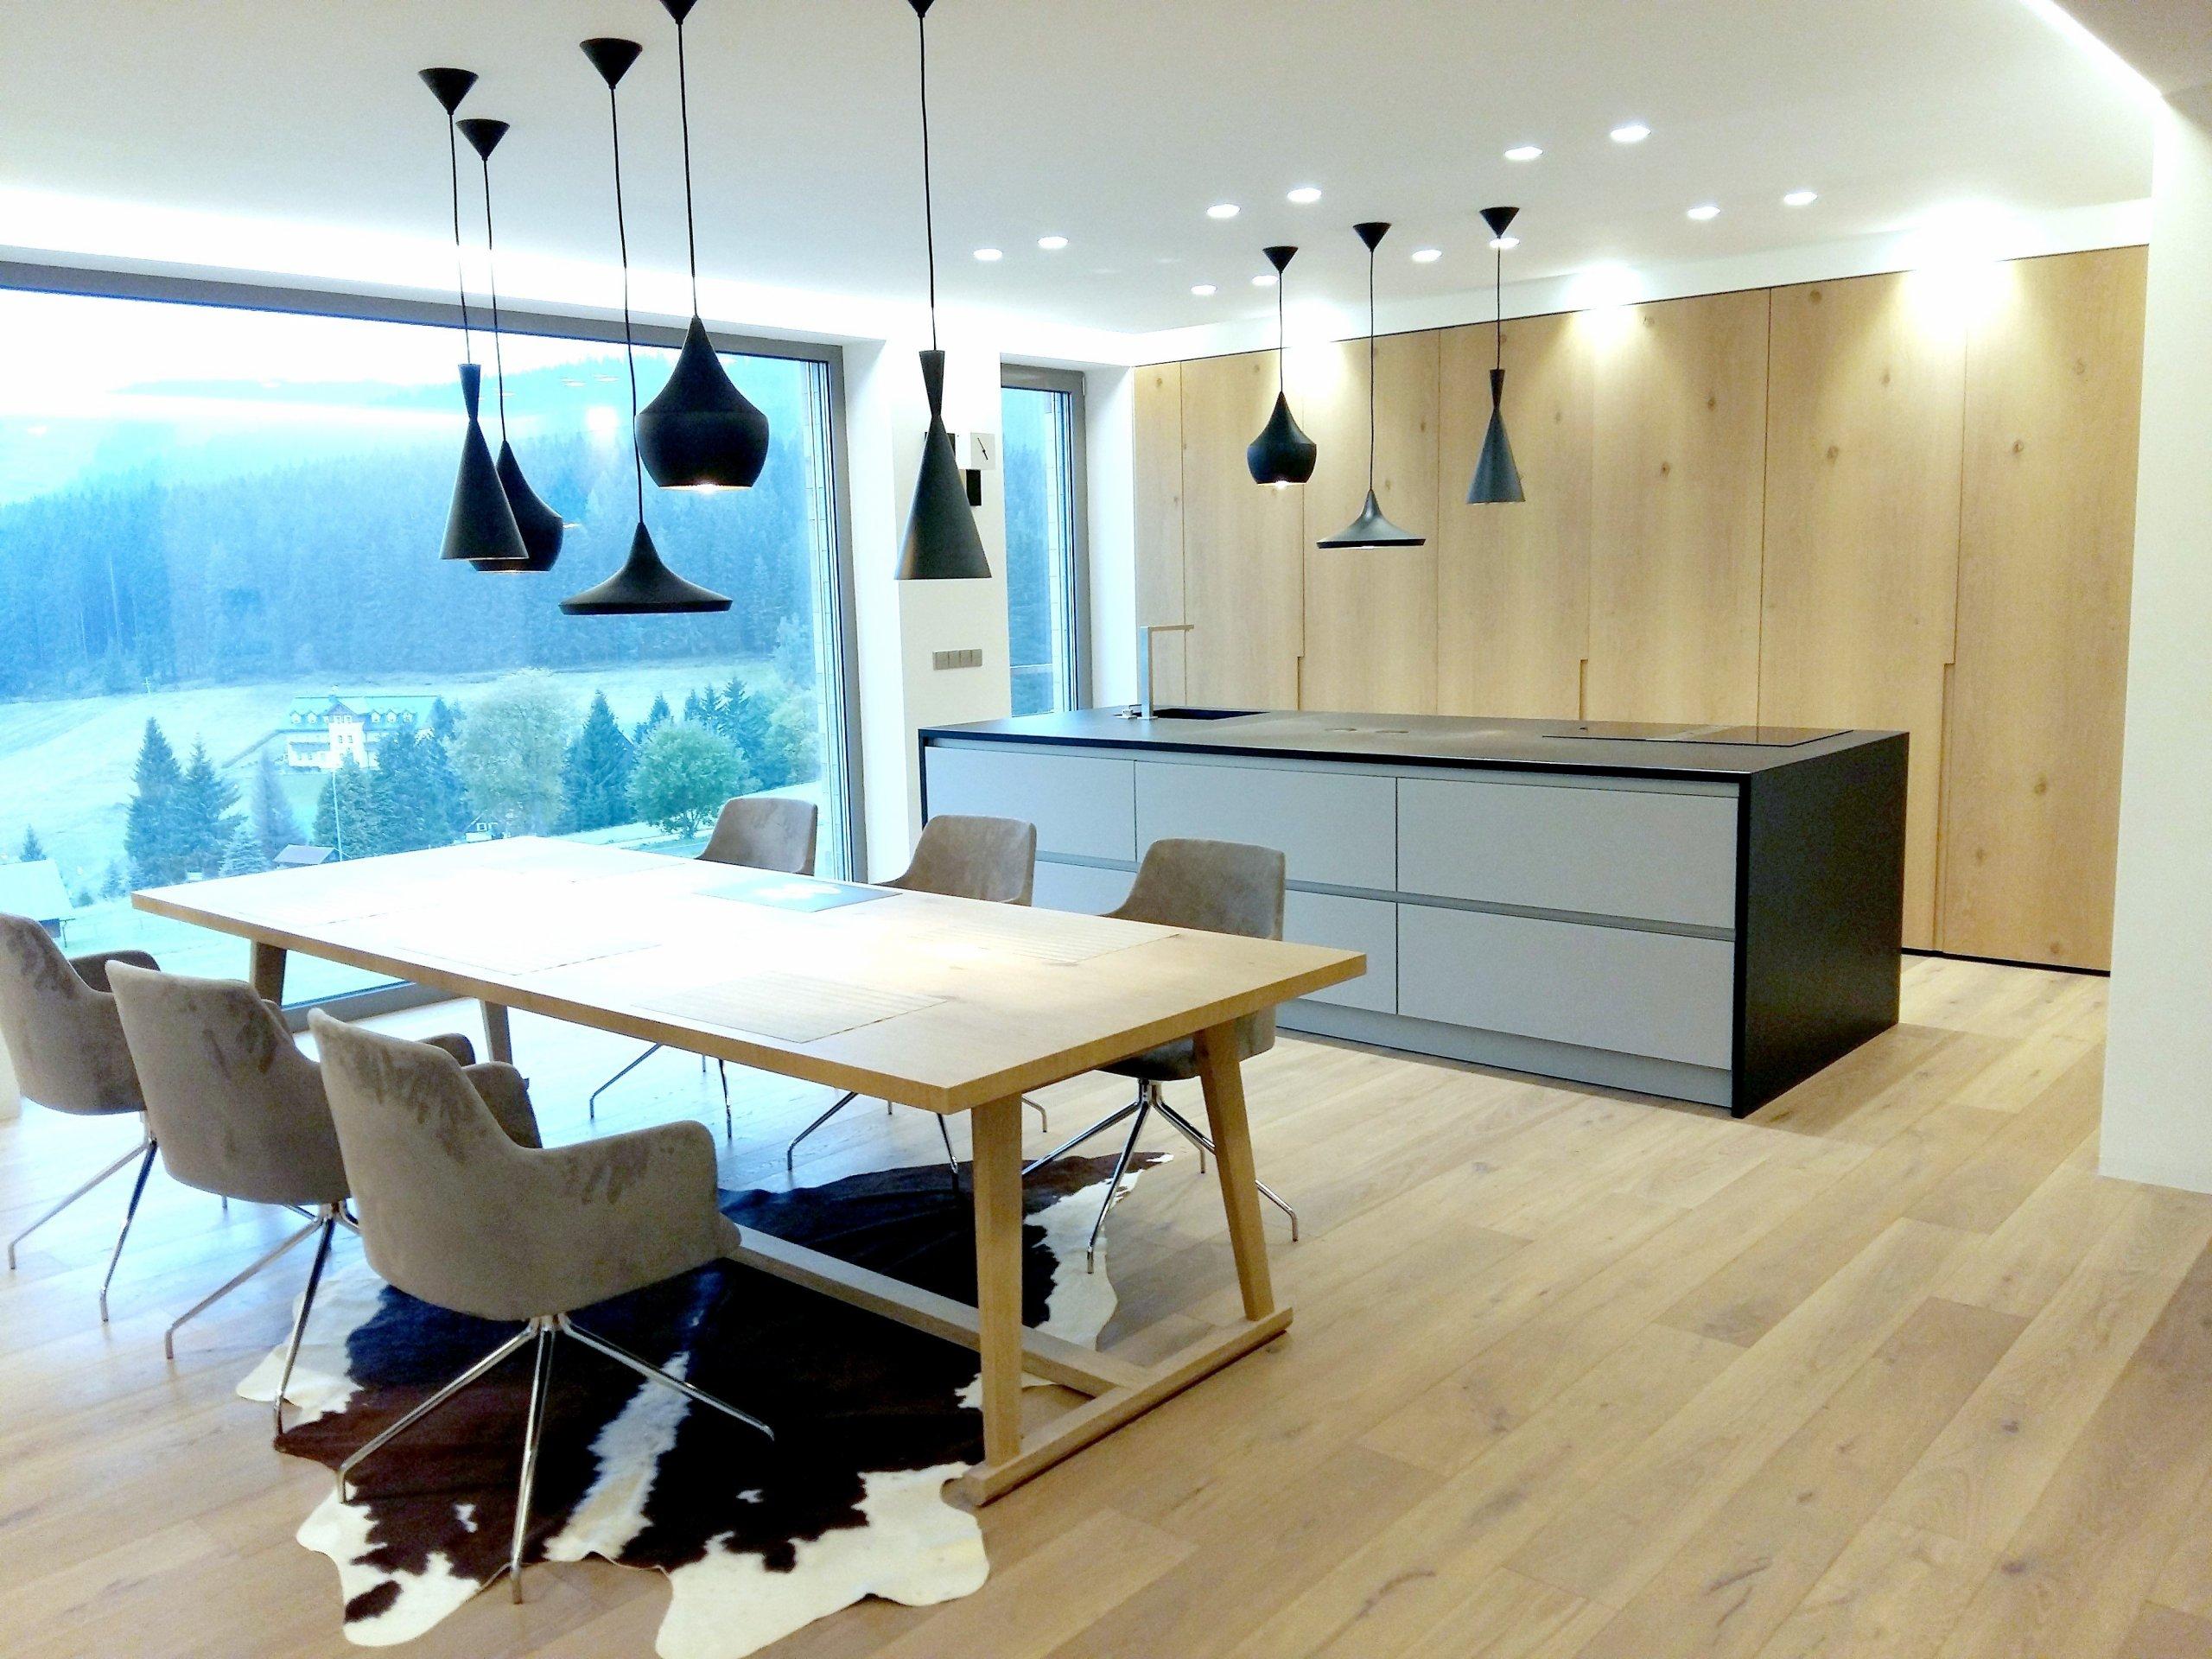 Byli jsme osloveni k návrhu a kompletní realizaci interiéru rodinného domu ve Špindlerově Mlýně. Přáním investora bylo vytvořit jednoduchý a otevřený prostor.…